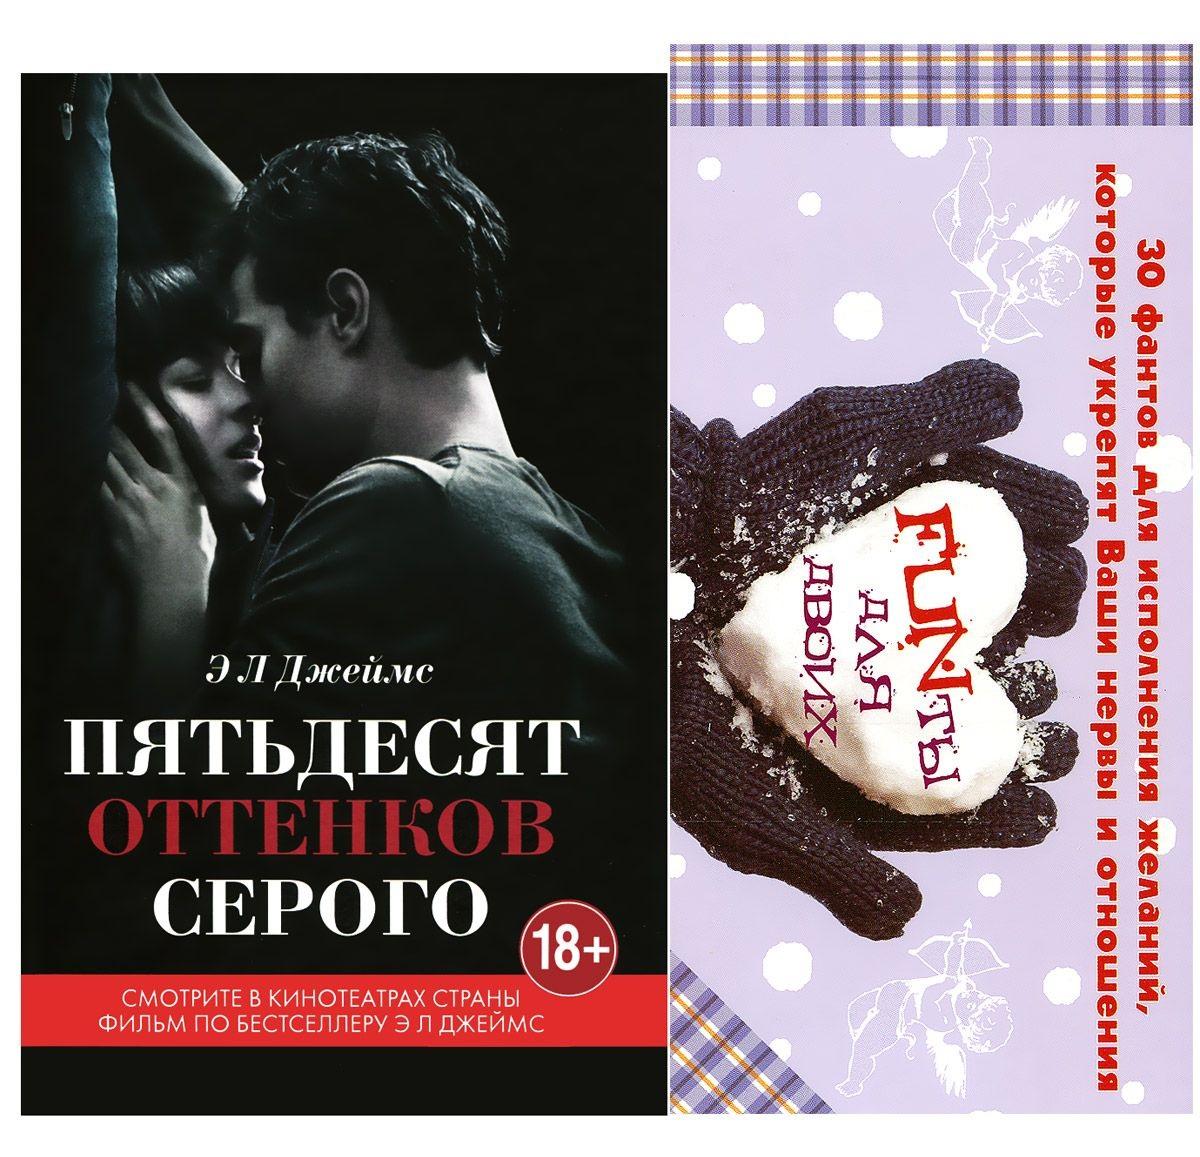 Книга Э Л Джеймс в кинообложке + 30 фантов для исполнения желаний, которые укрепят ваши нервы и отношения